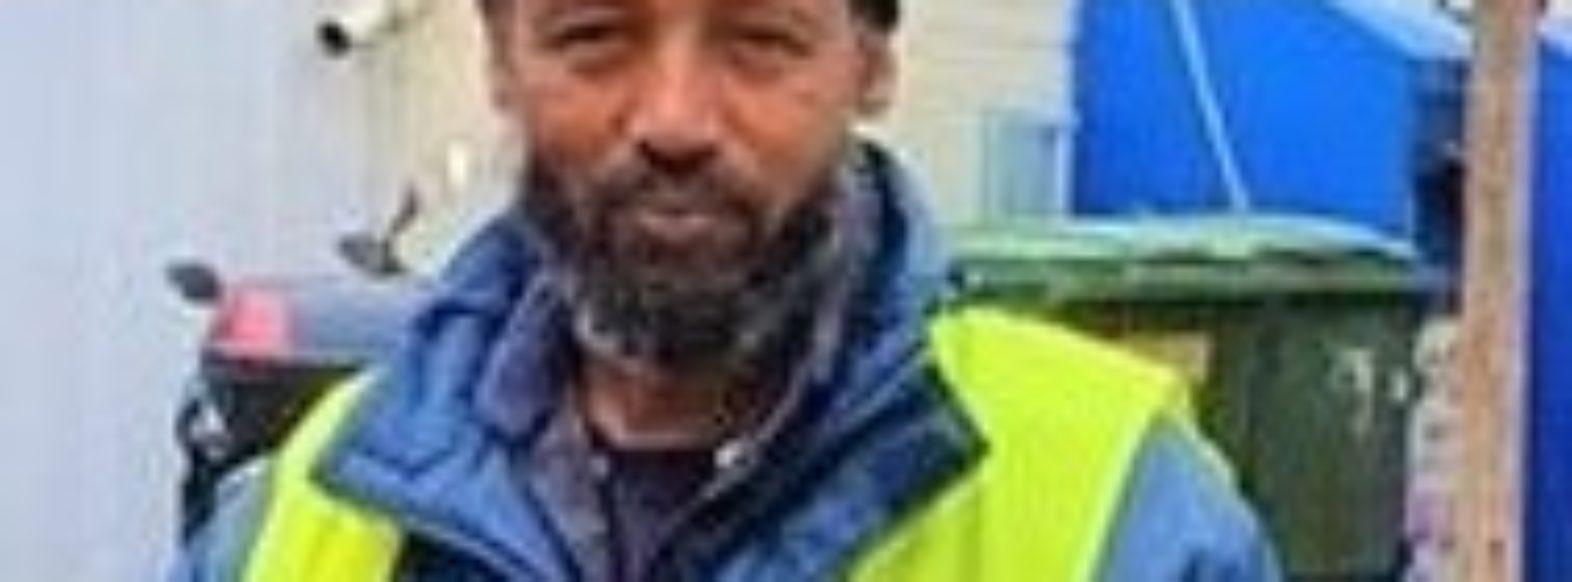 עובד עירייה מצא ארנק עם סכום כסף רב שהושב לבעליו